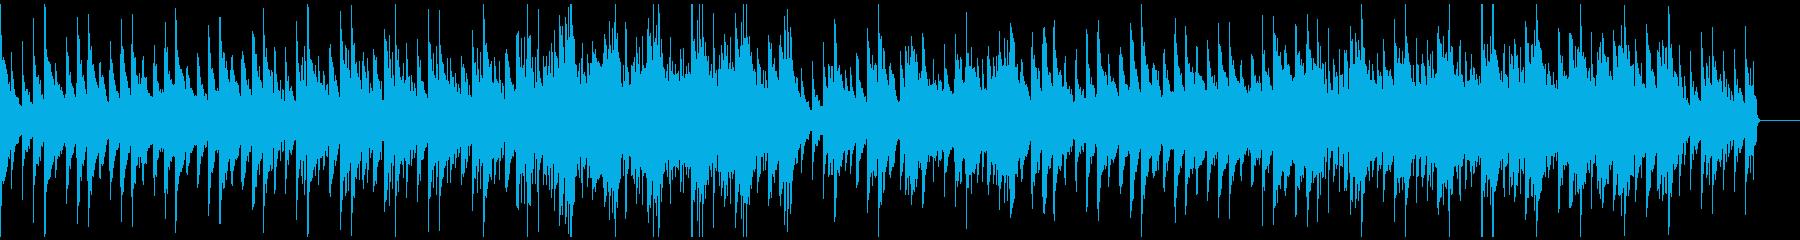 スタイリッシュ・オーケストラ・ピアノ Lの再生済みの波形